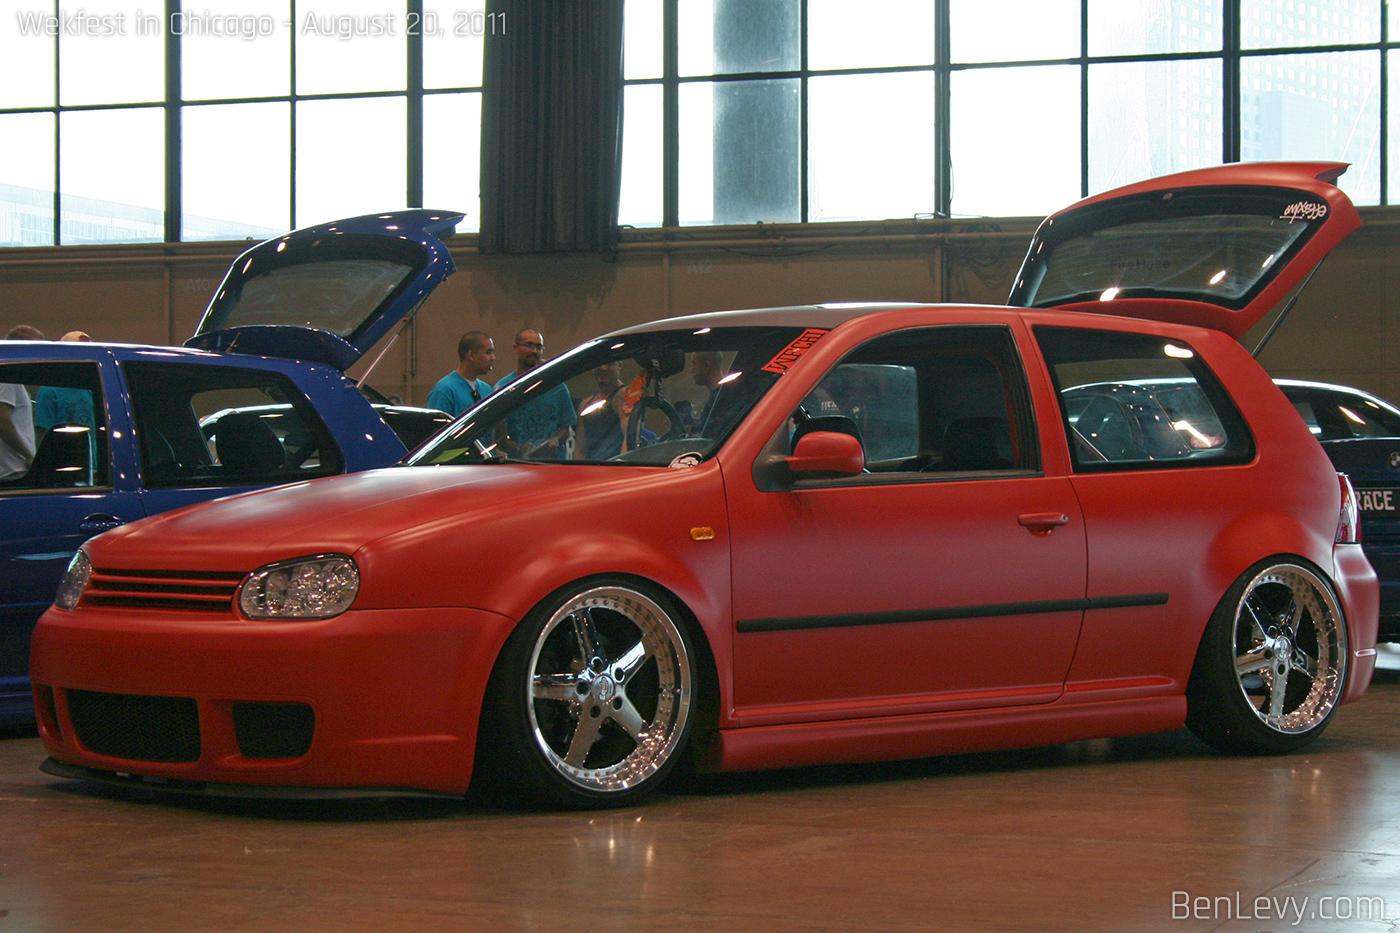 Orange Mkiv Volkswagen Gti Benlevy Com